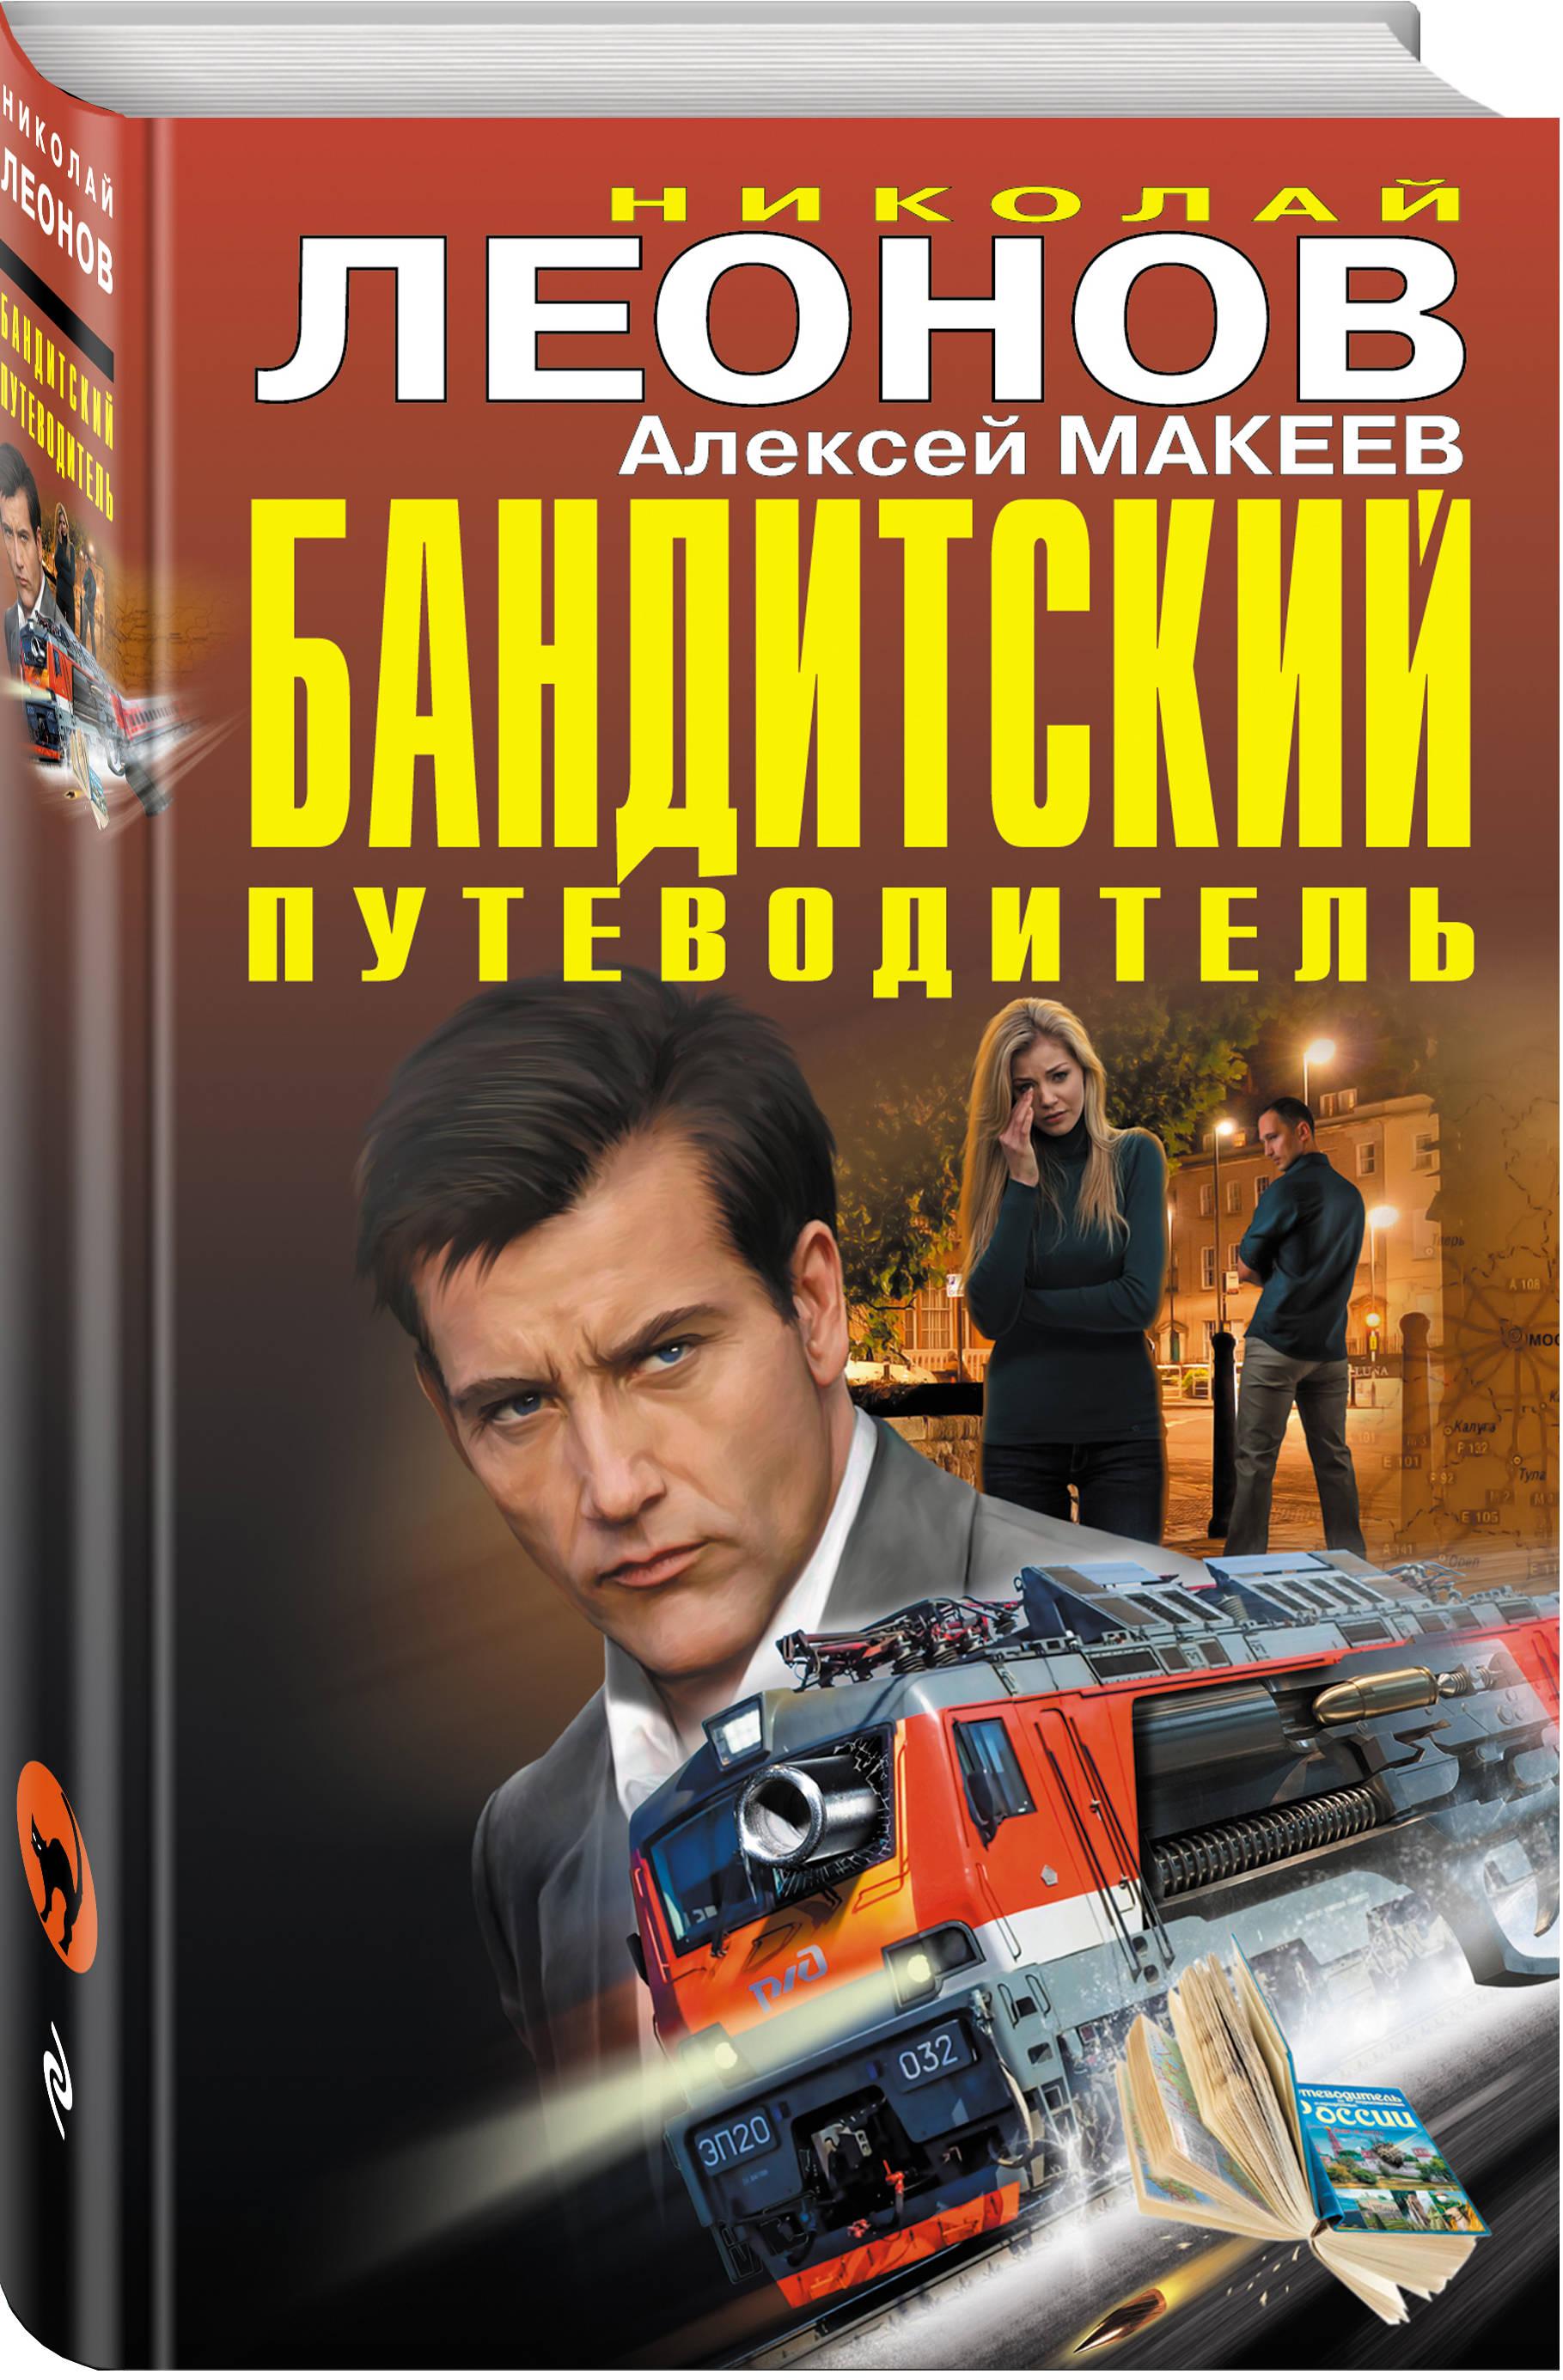 Zakazat.ru: Бандитский путеводитель. Николай Леонов, Алексей Макеев